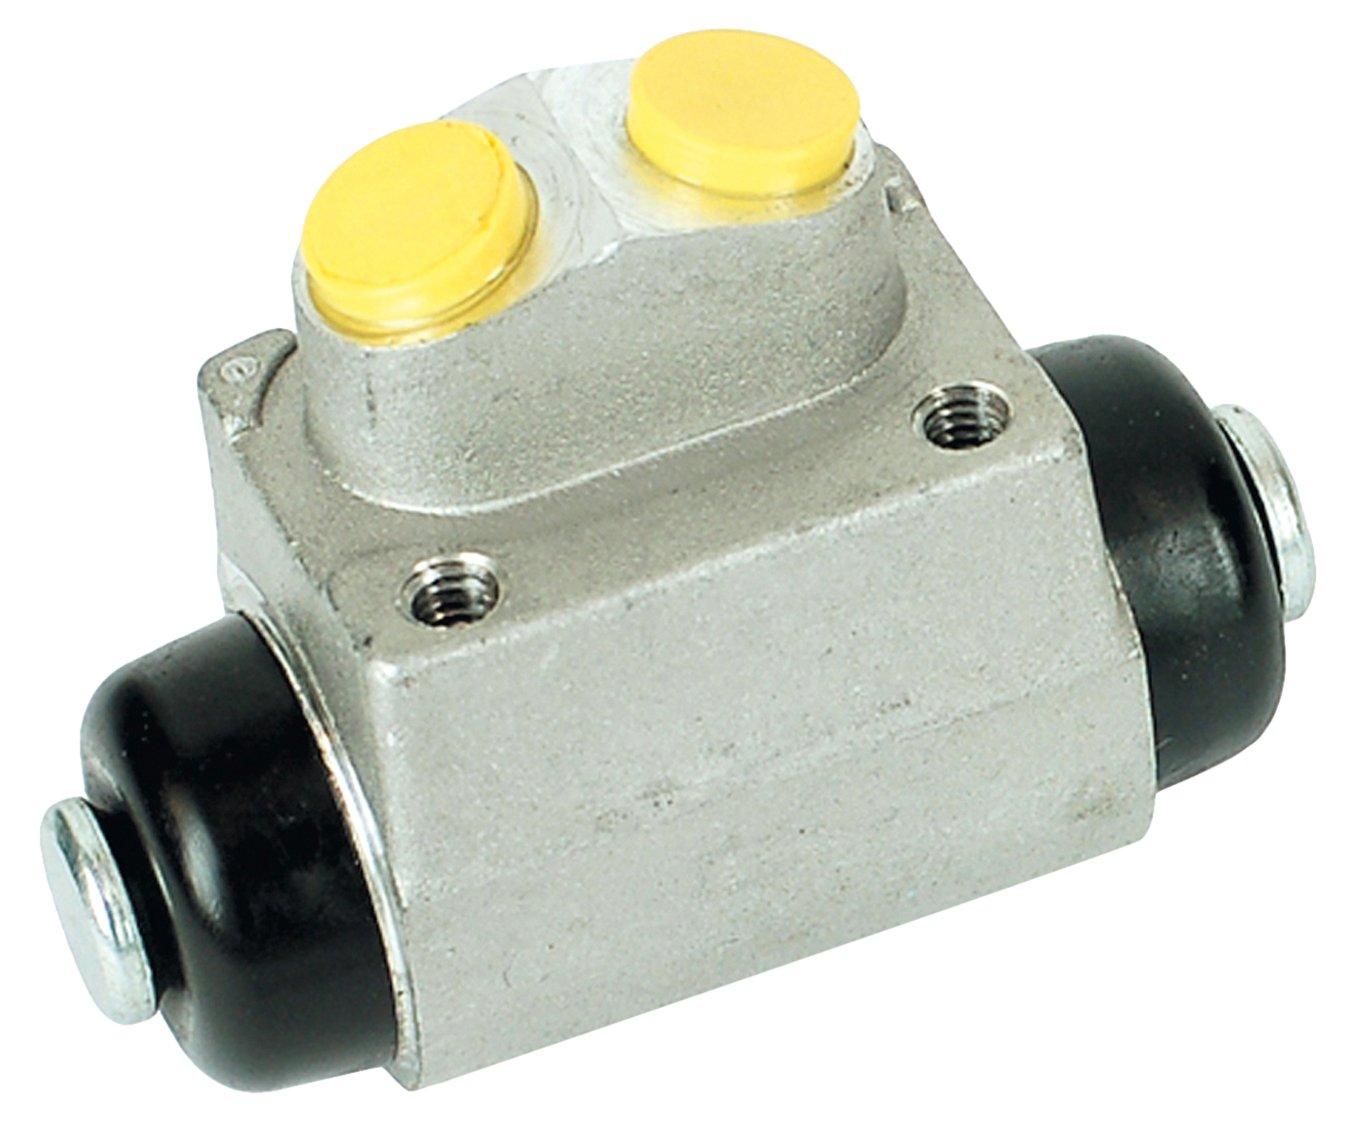 Brembo A12512 Bremsdruckregler Brembo S.p.A.